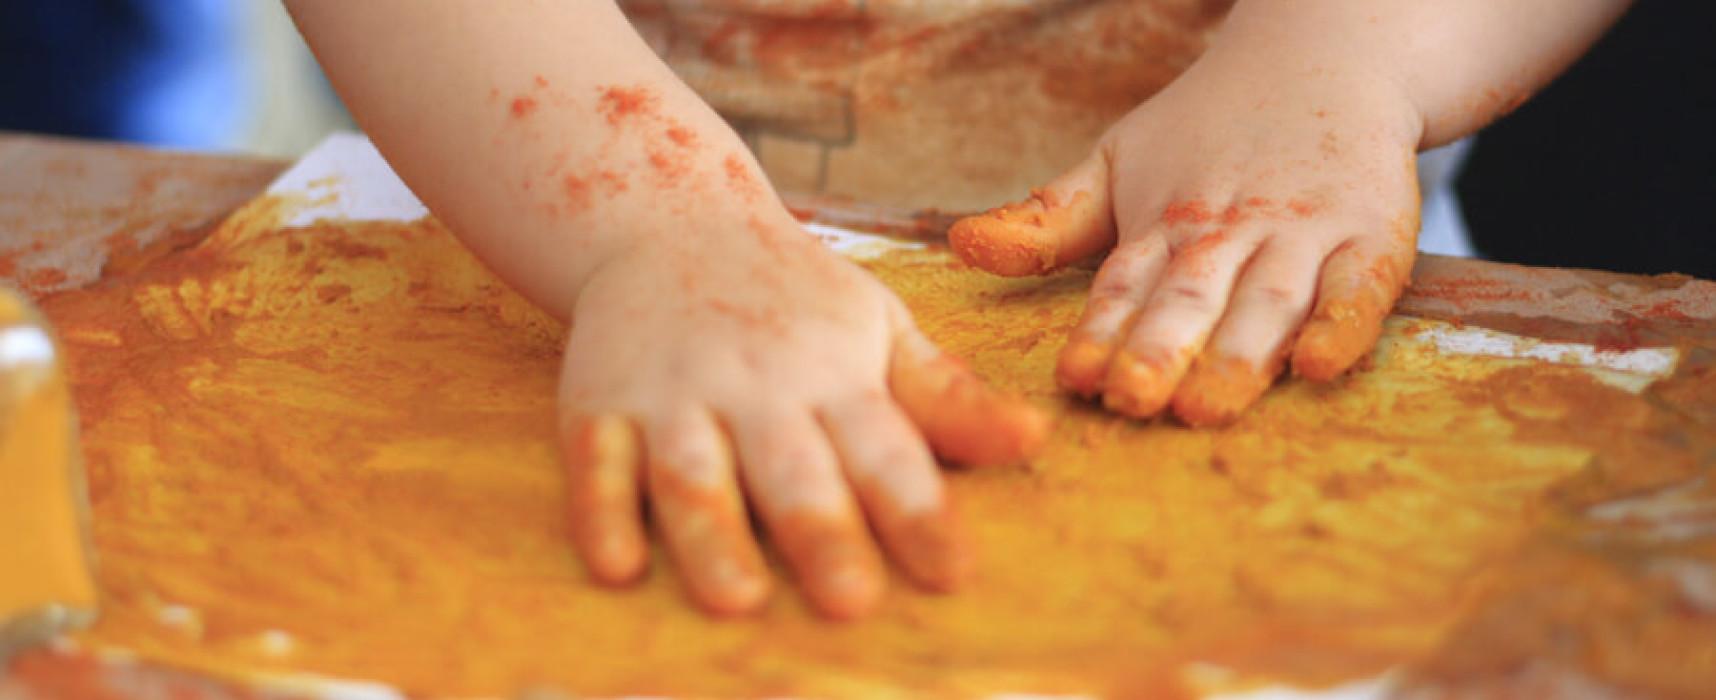 SVE in Polonia nell'ambito di attività ricreative per bambini